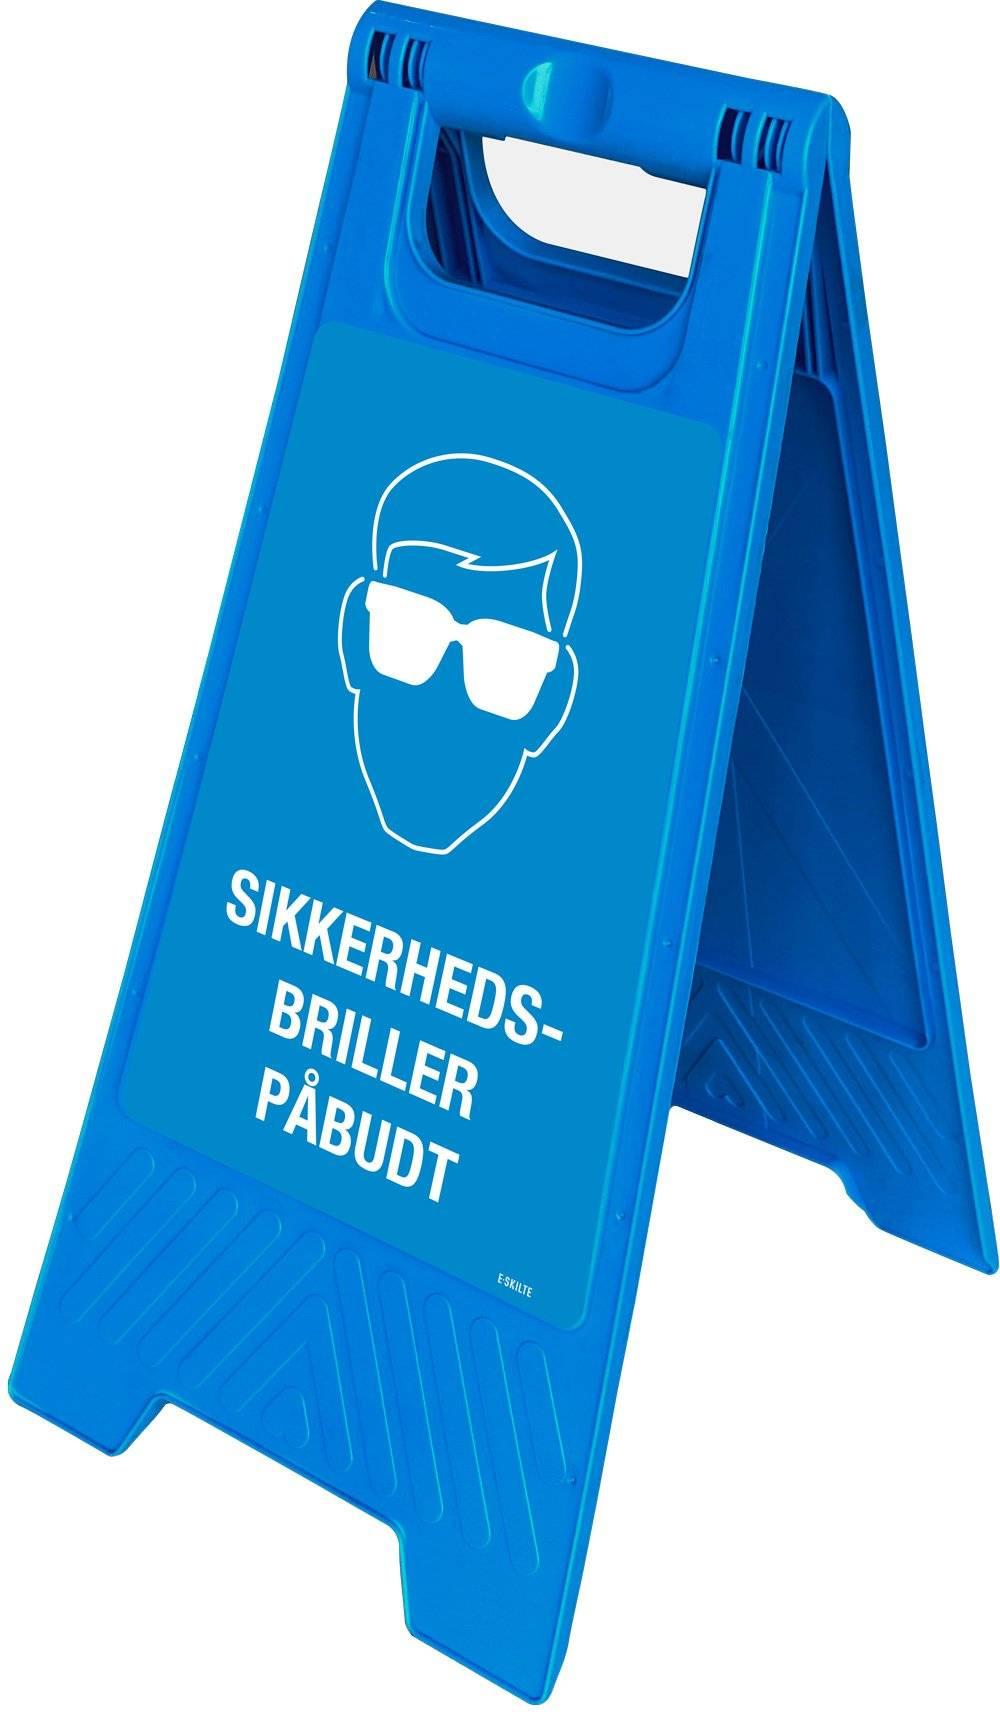 Gulvskilt - Sikkerhedsbriller påbudt